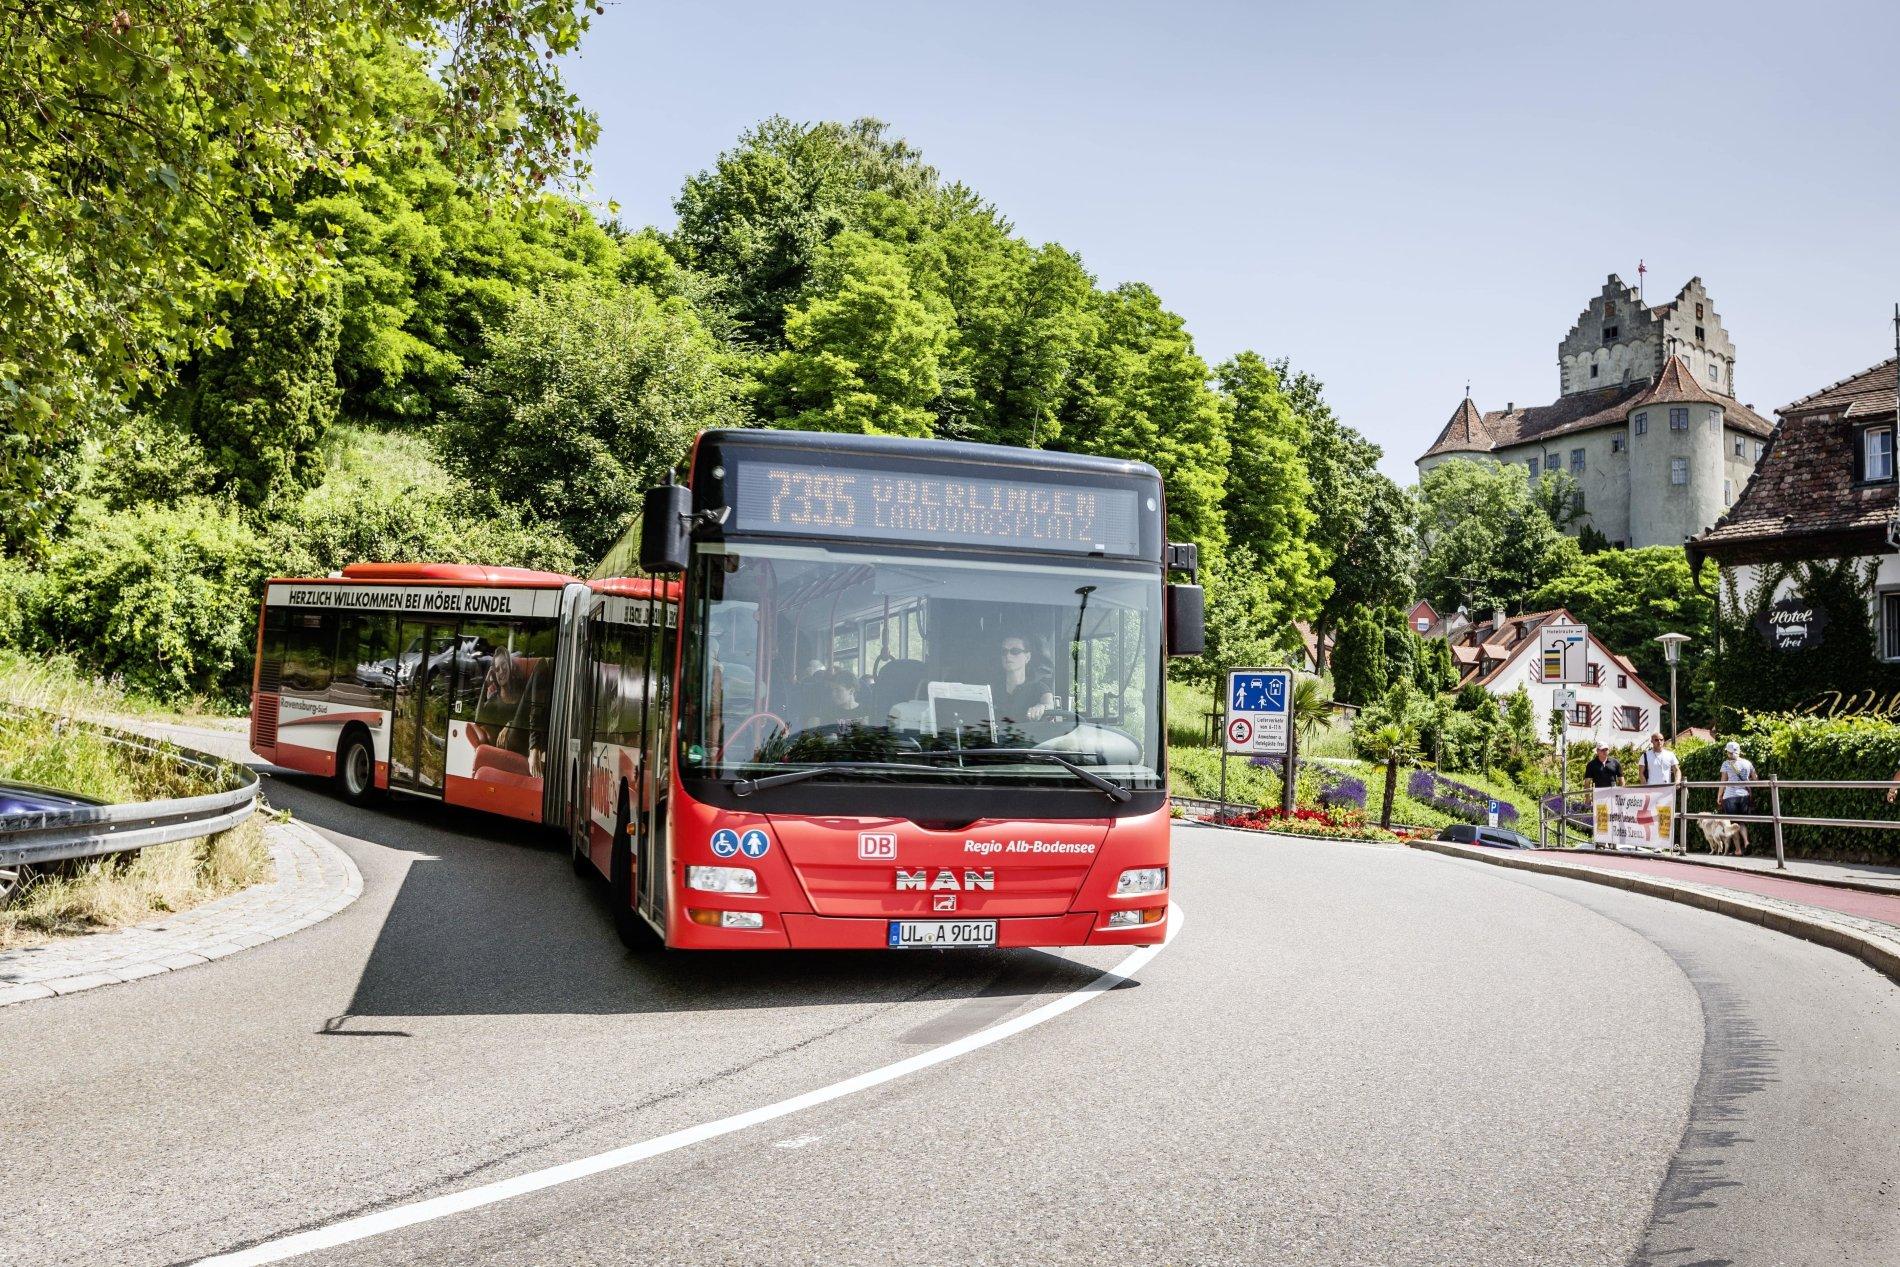 ÖPNV Meersburg